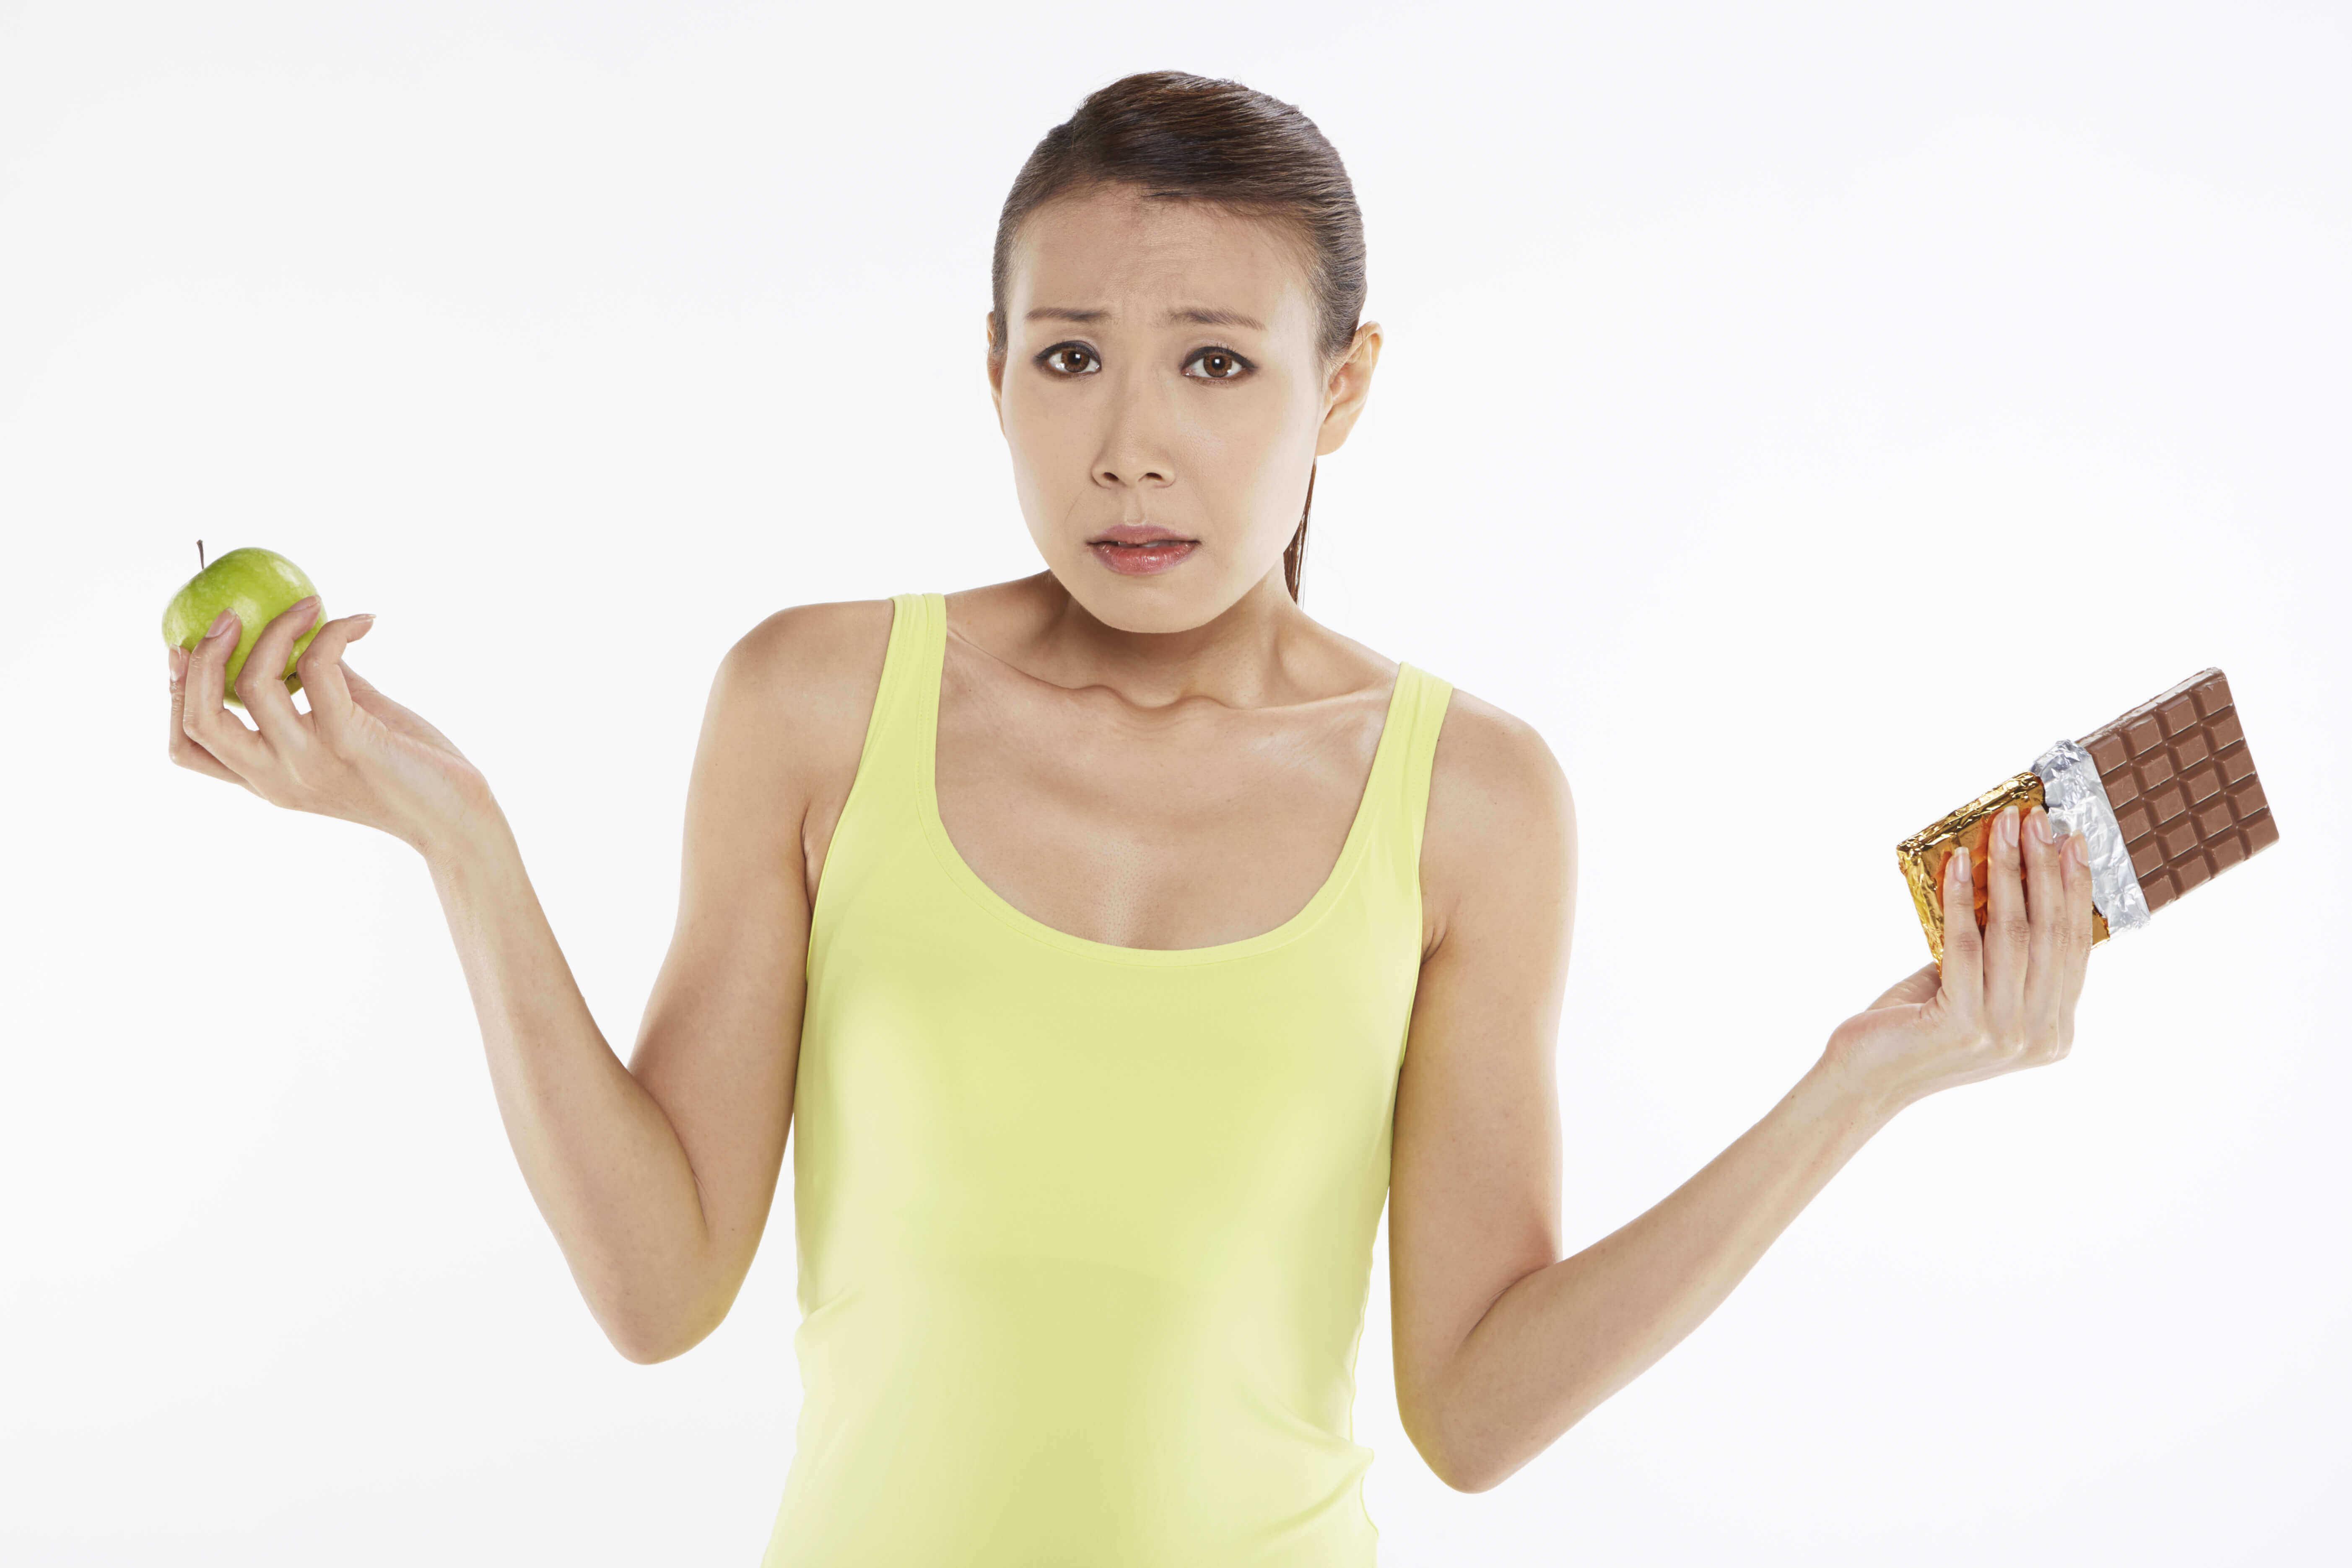 elección un alimento saludable a uno no tan nutritivo